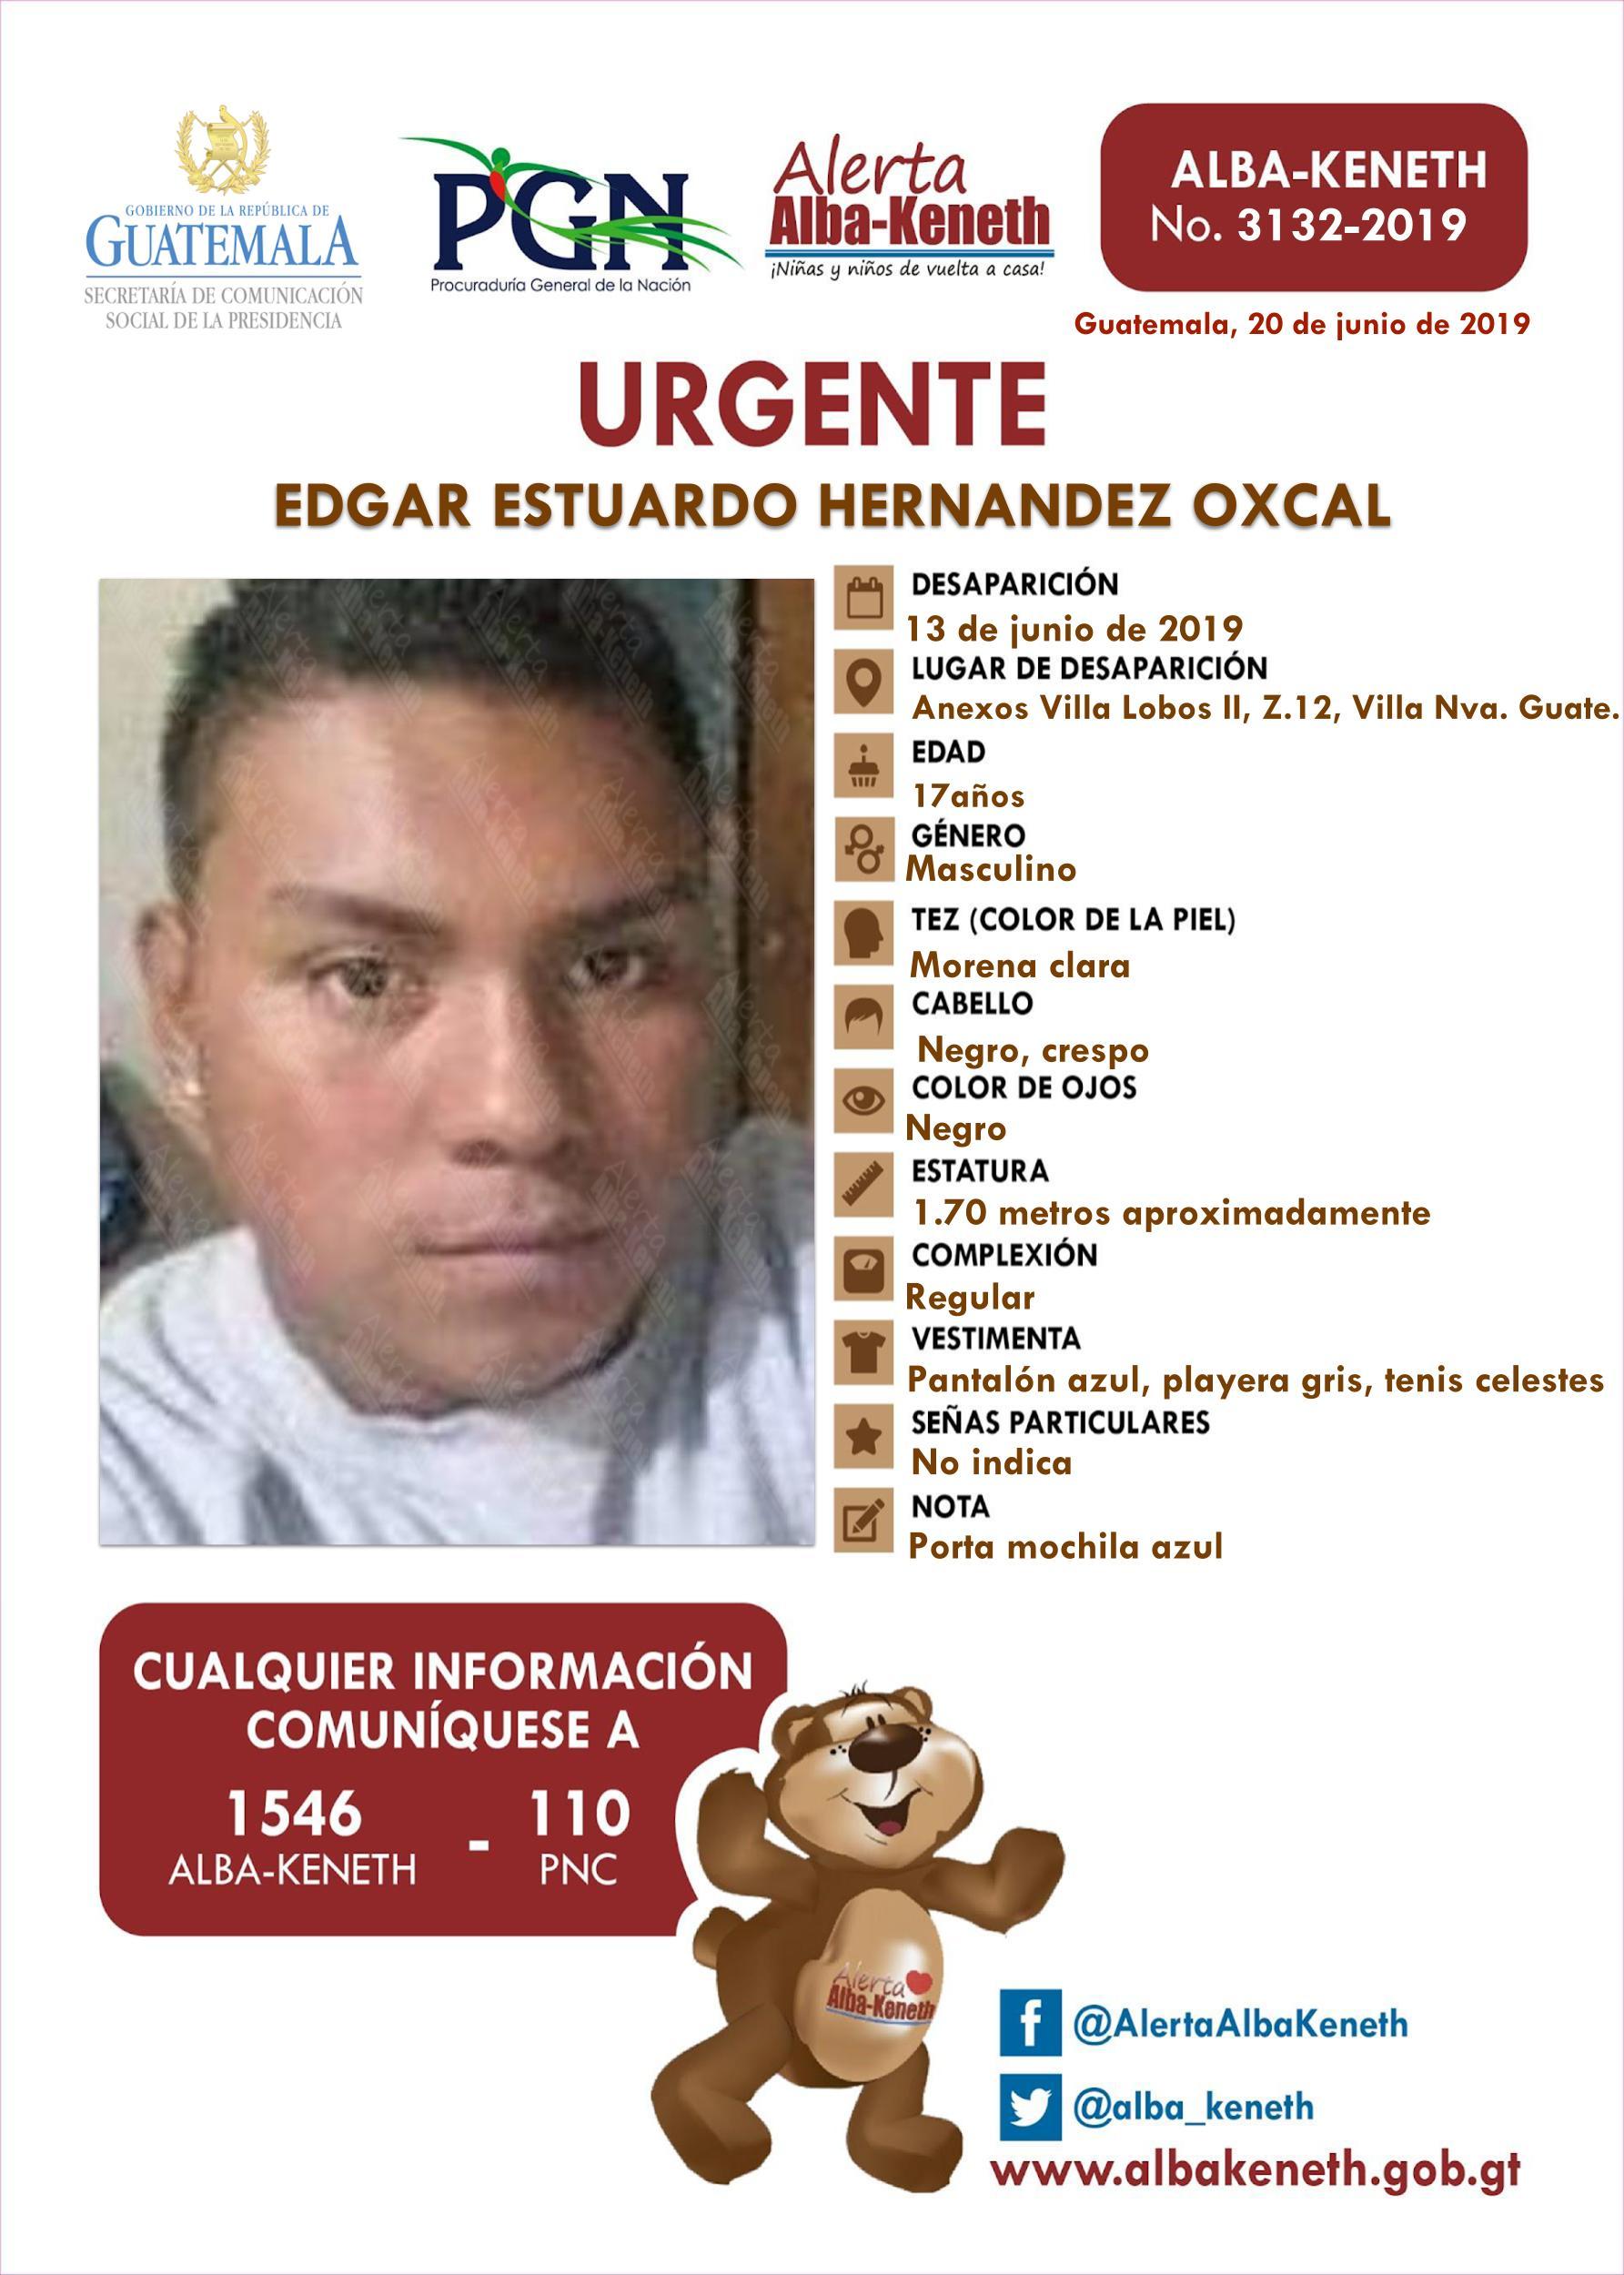 Edgar Estuardo Hernandez Oxcal